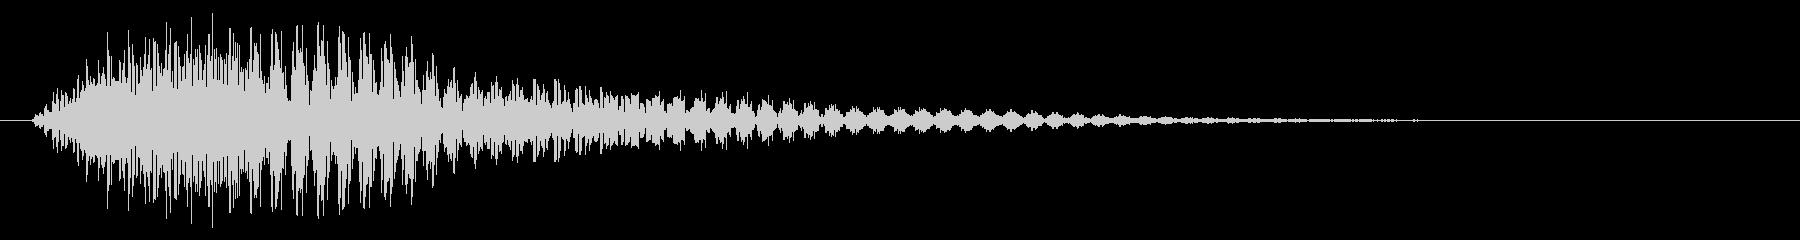 タッチ音/フォン/柔らかいの未再生の波形